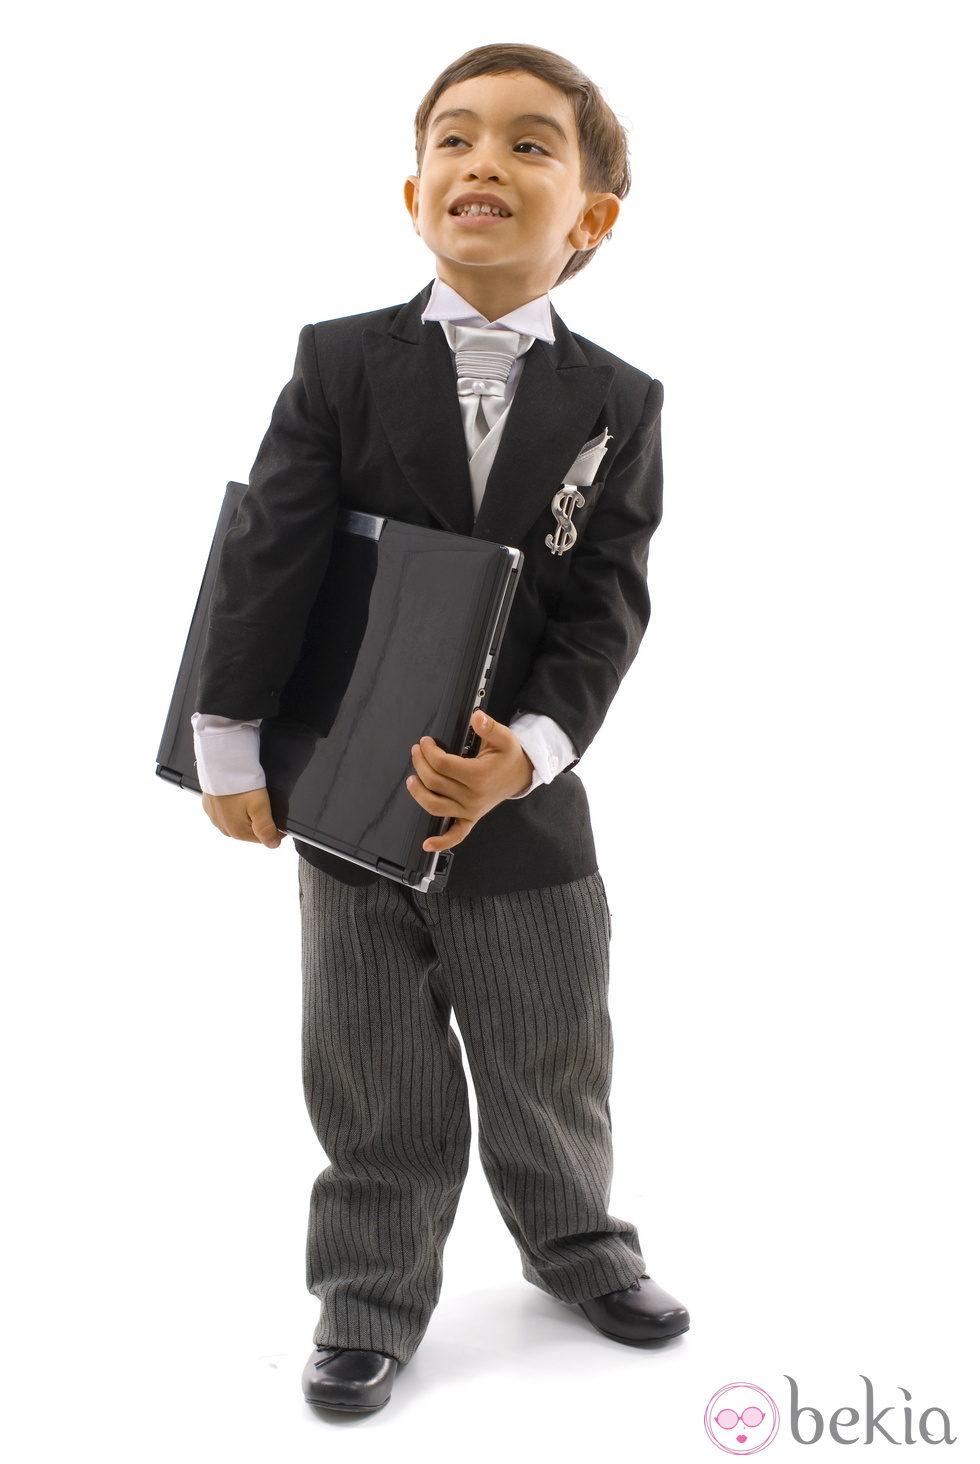 Disfraz de ejecutivo para ni o disfraces de ni os para - Disfraz de navidad para bebes ...